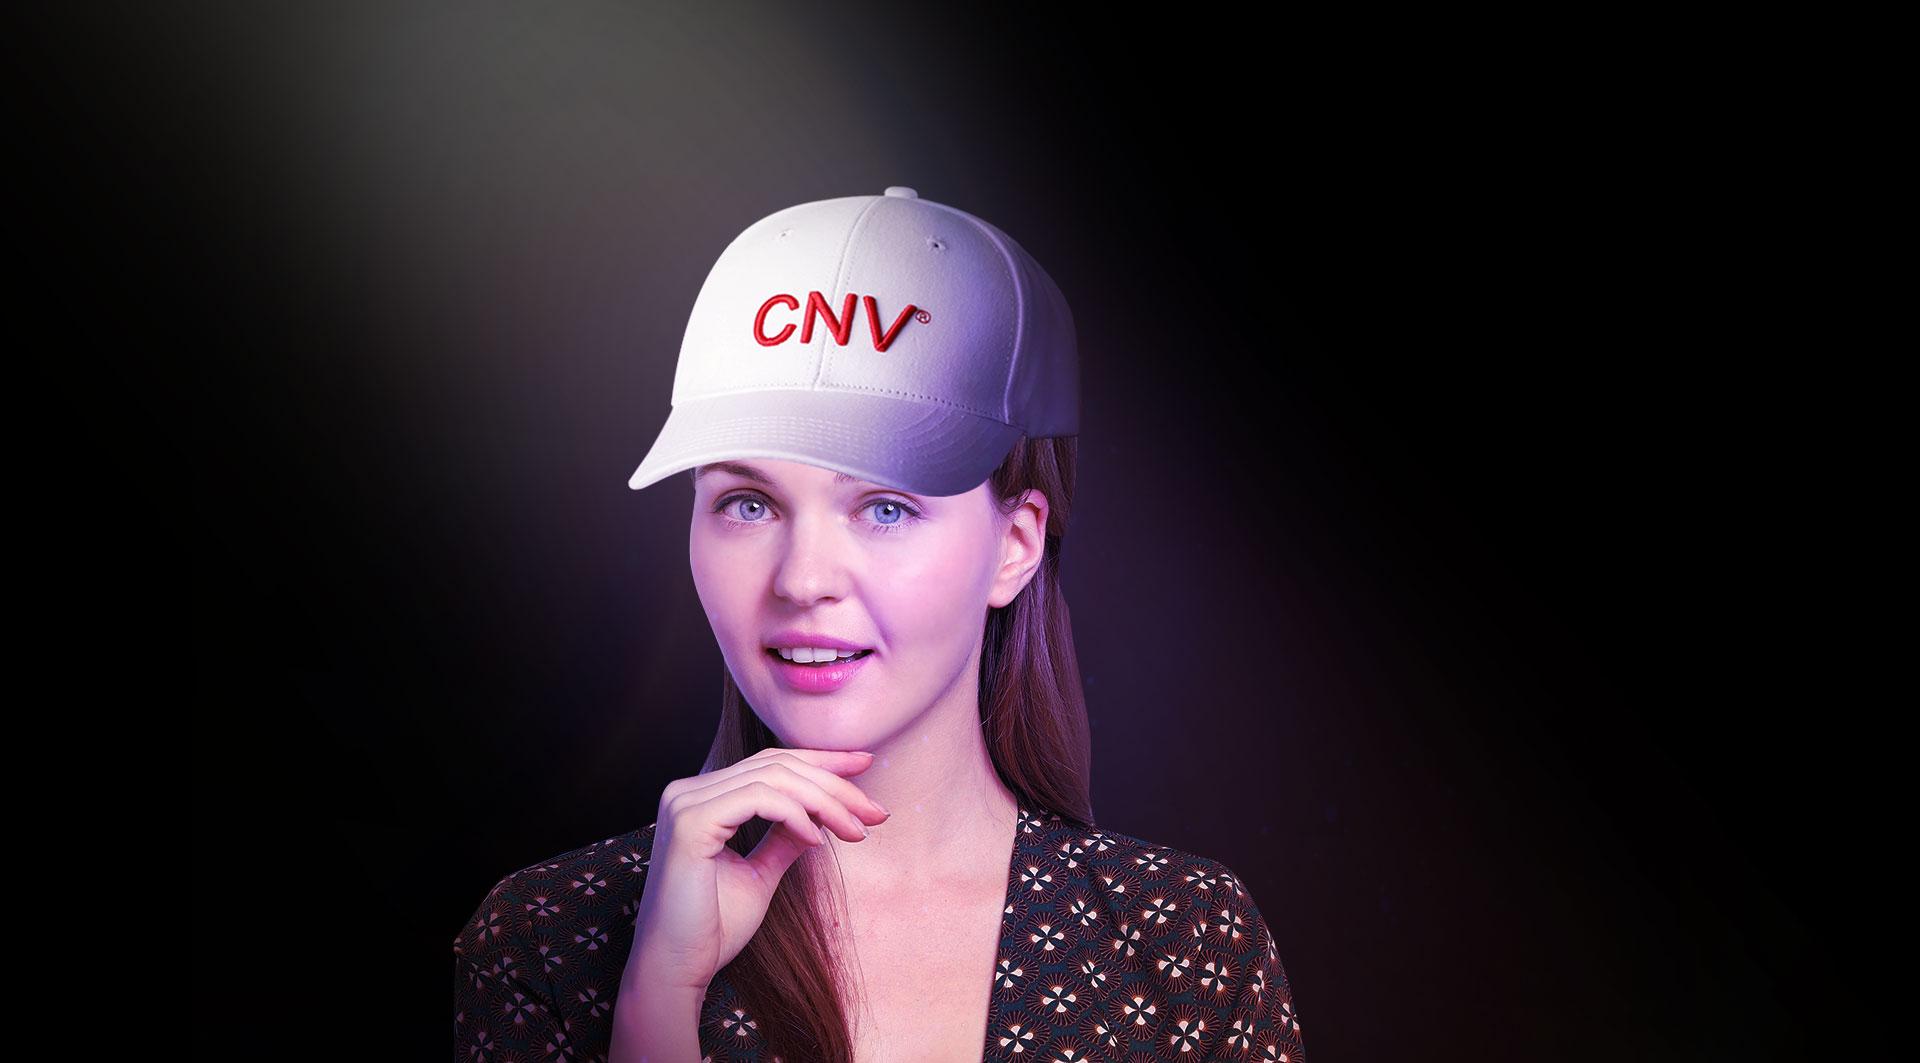 Weiße CNV 168 Mobile Laser Therapy Kappe Haarwuchs Behandlung für Männer und Frauen Haarausfa